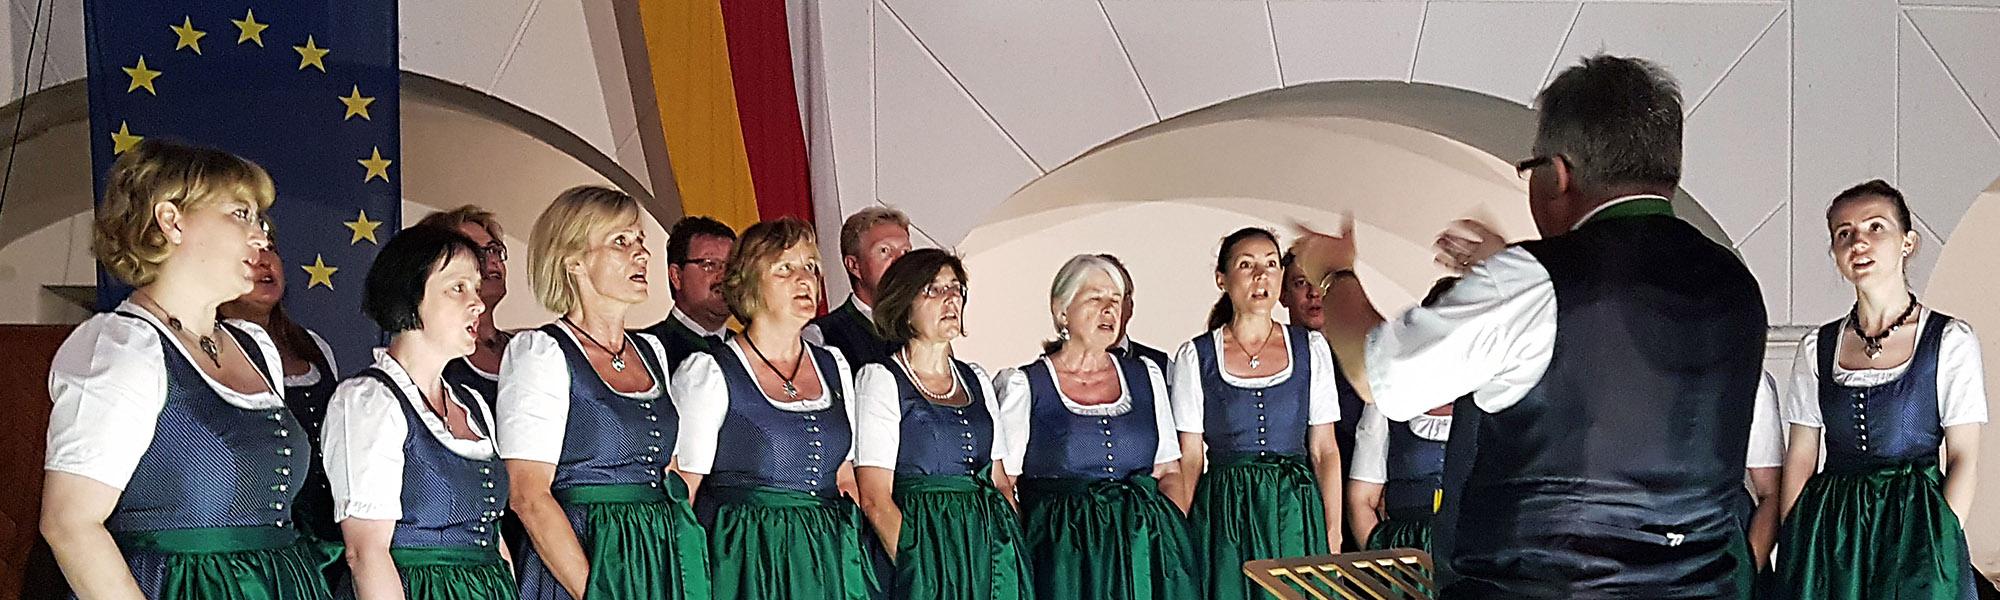 Termine, Auftritte und Konzerte des Gemischten Chor Althofen bei St. Veit und Klagenfurt